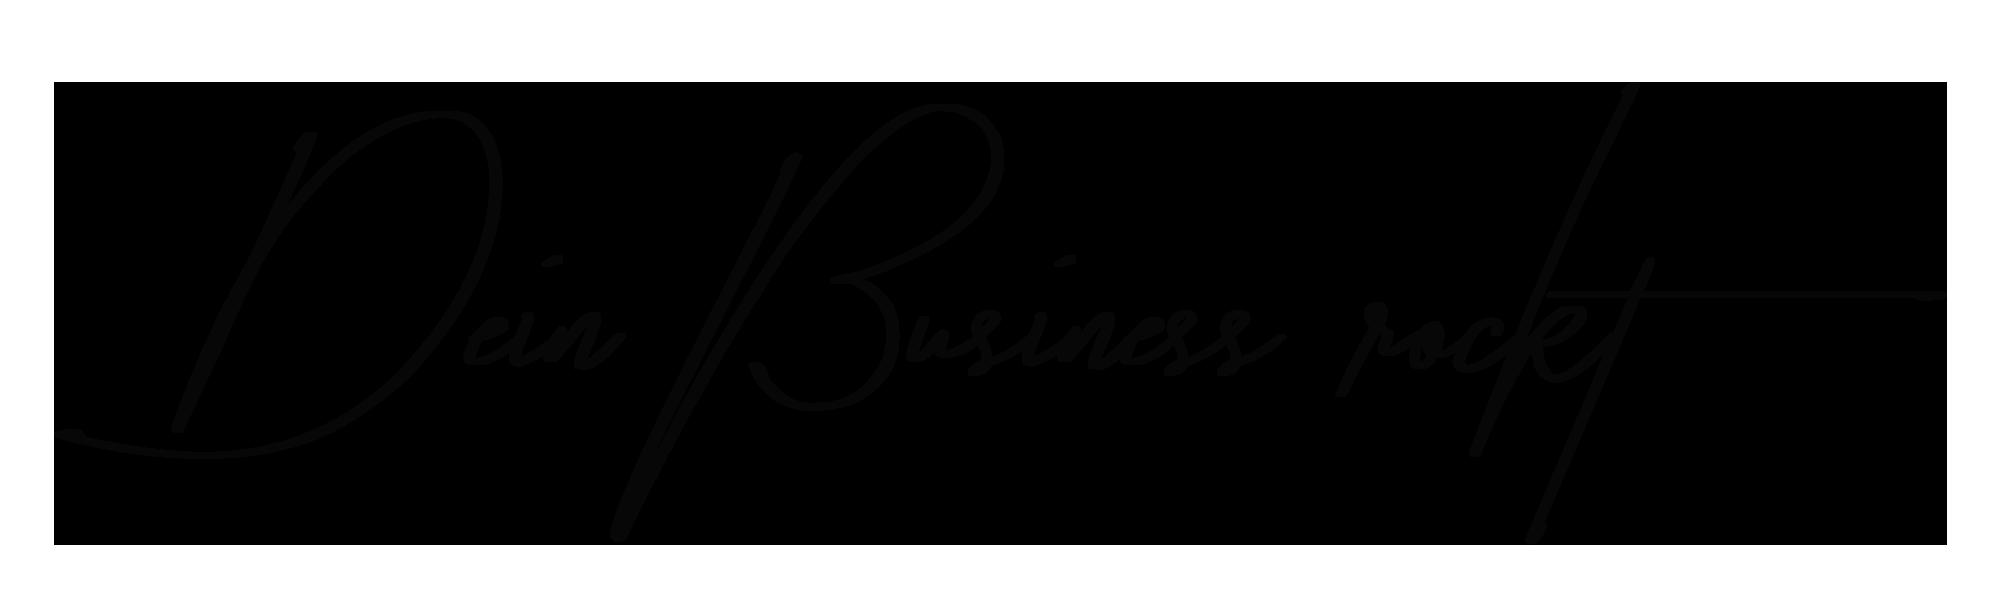 Dein Business rockt